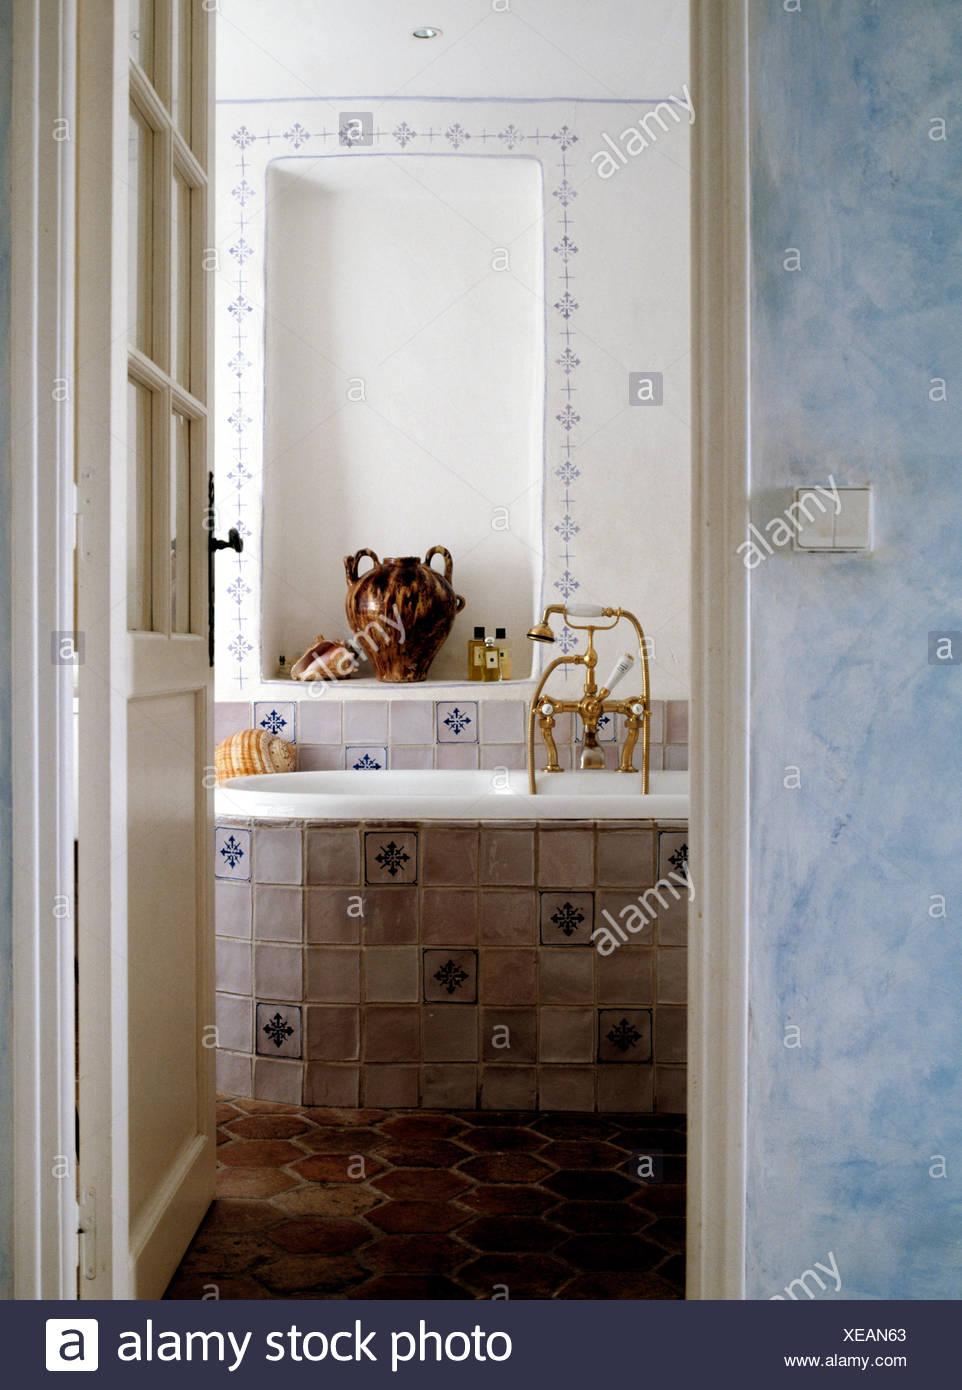 Gentil Tür öffnen, Alkoven über Bad Mit Blau + Weiß Gefliesten Verkleidung In  Französischer Landhaus Badezimmer